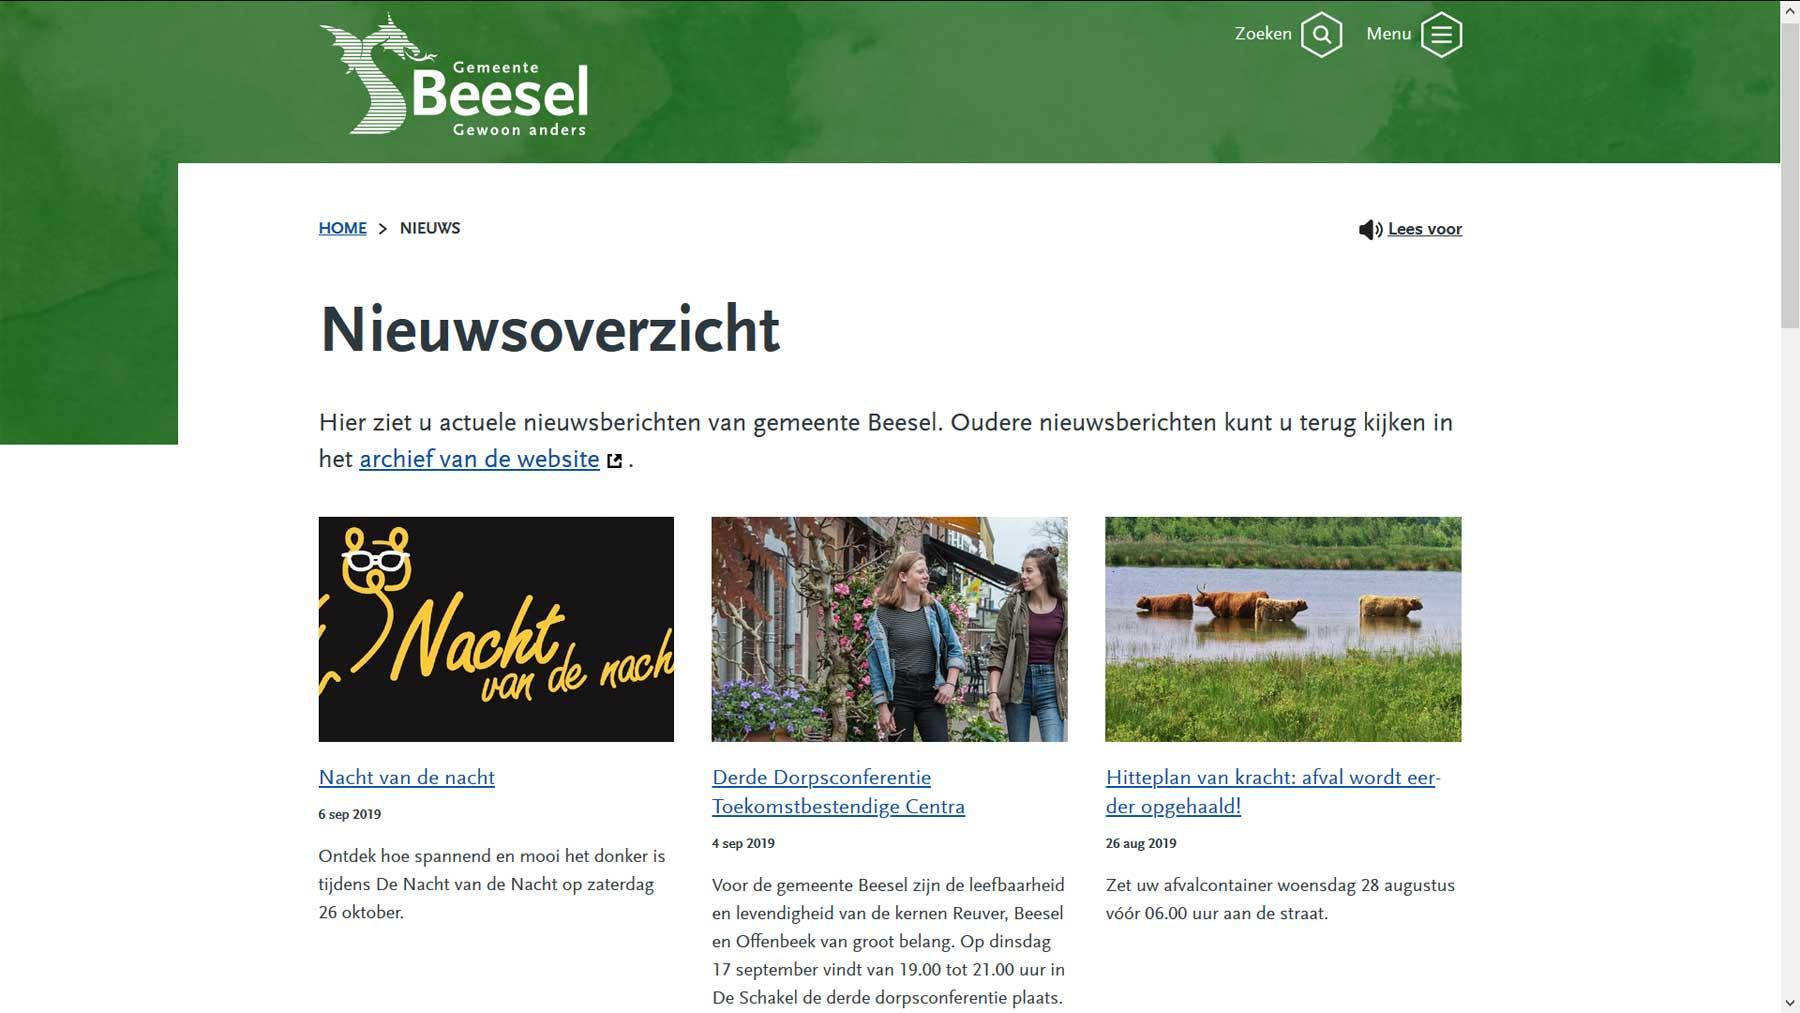 NIeuwsoverzicht website Beesel | Toptaken website